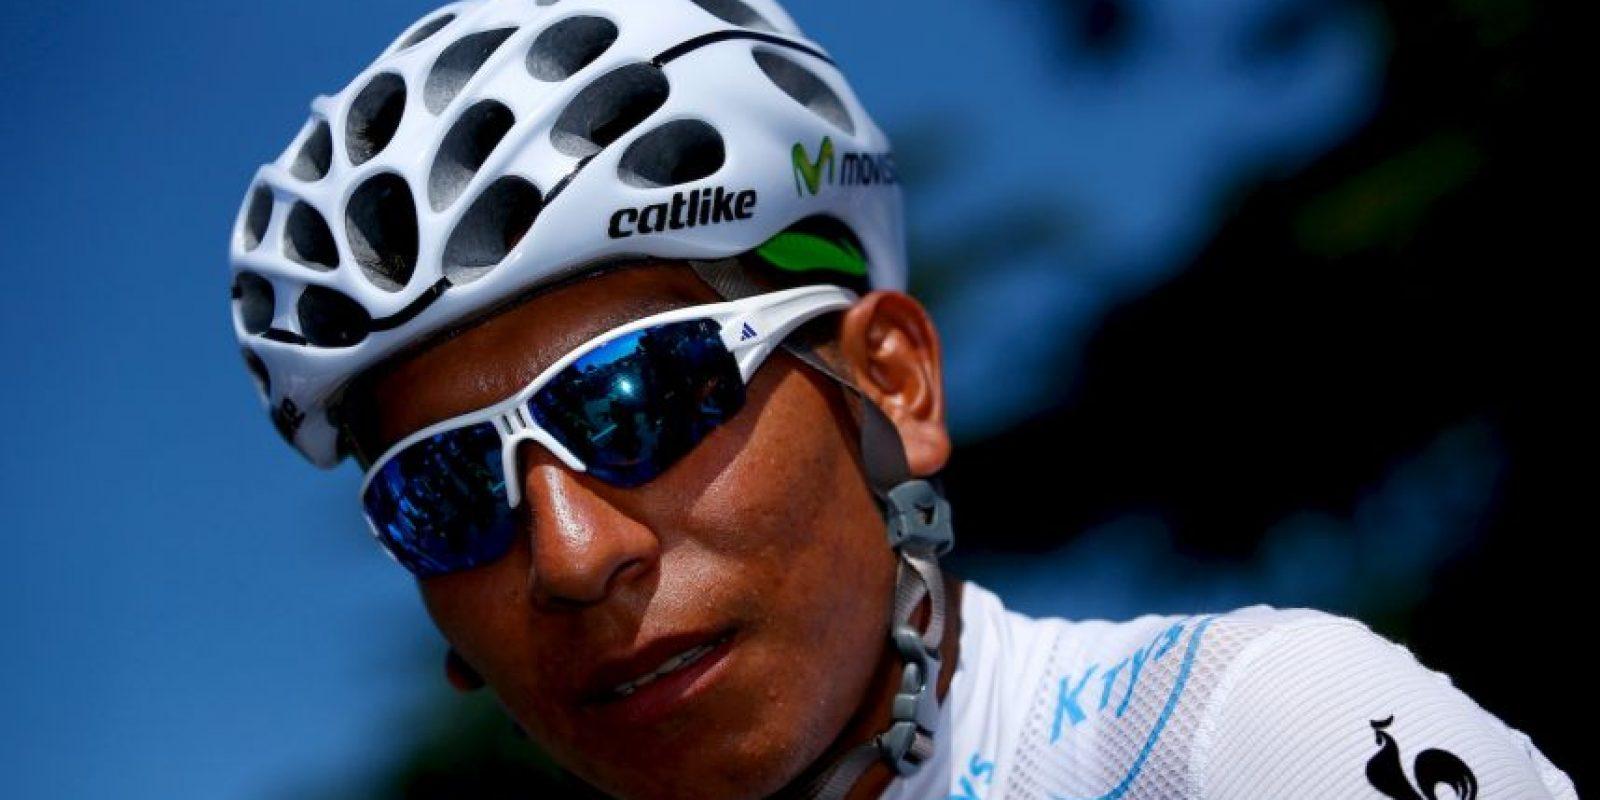 """Nairo Quintana Rojas es un ciclista colombiano que es parte del equipo español """"Movistar"""". Foto:Getty Images"""